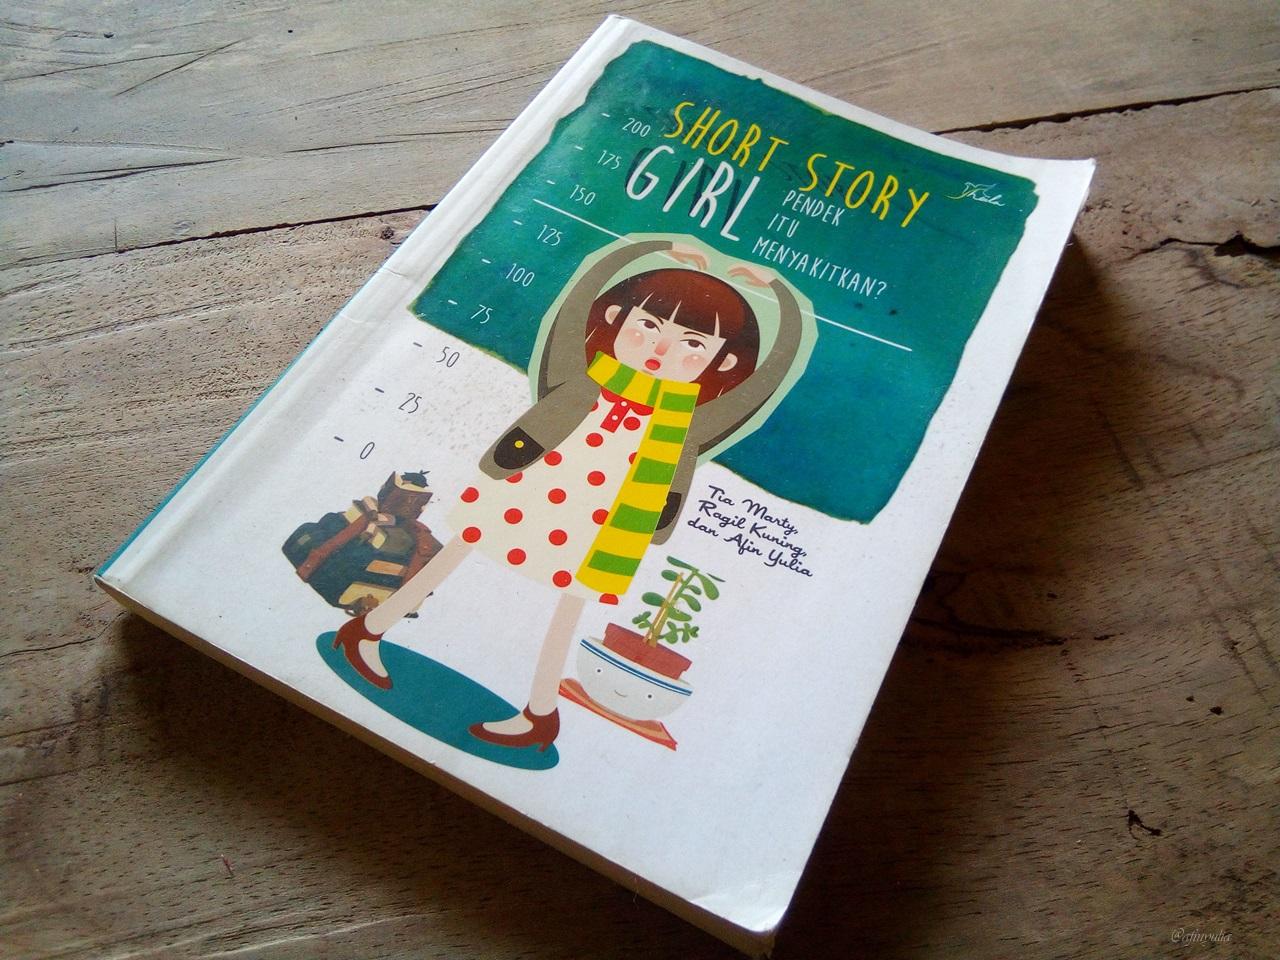 short girl story